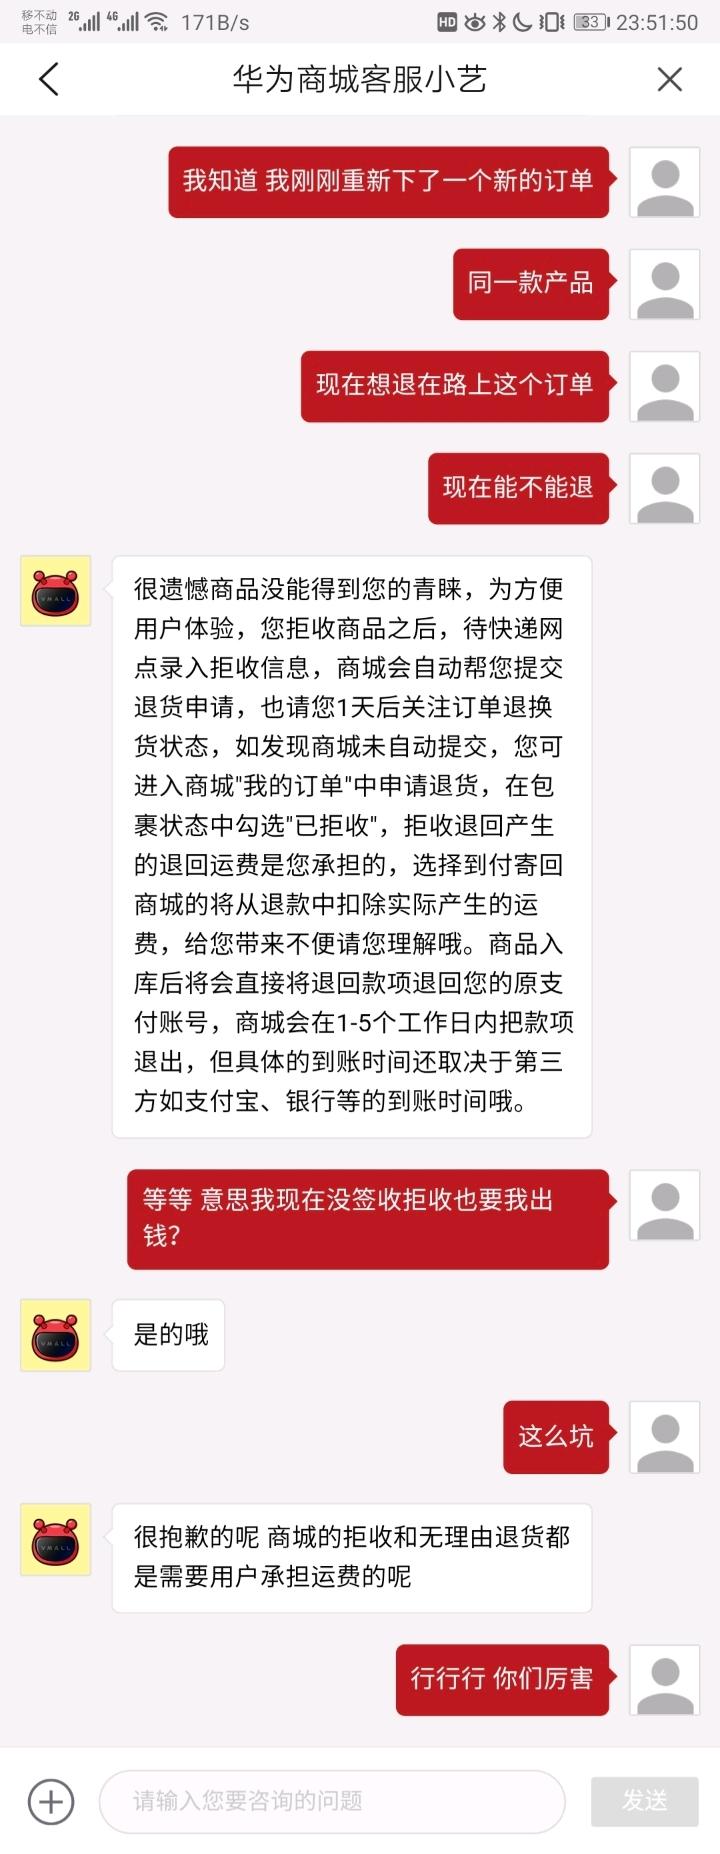 Screenshot_20190429_235148_com.vmall.client.jpg